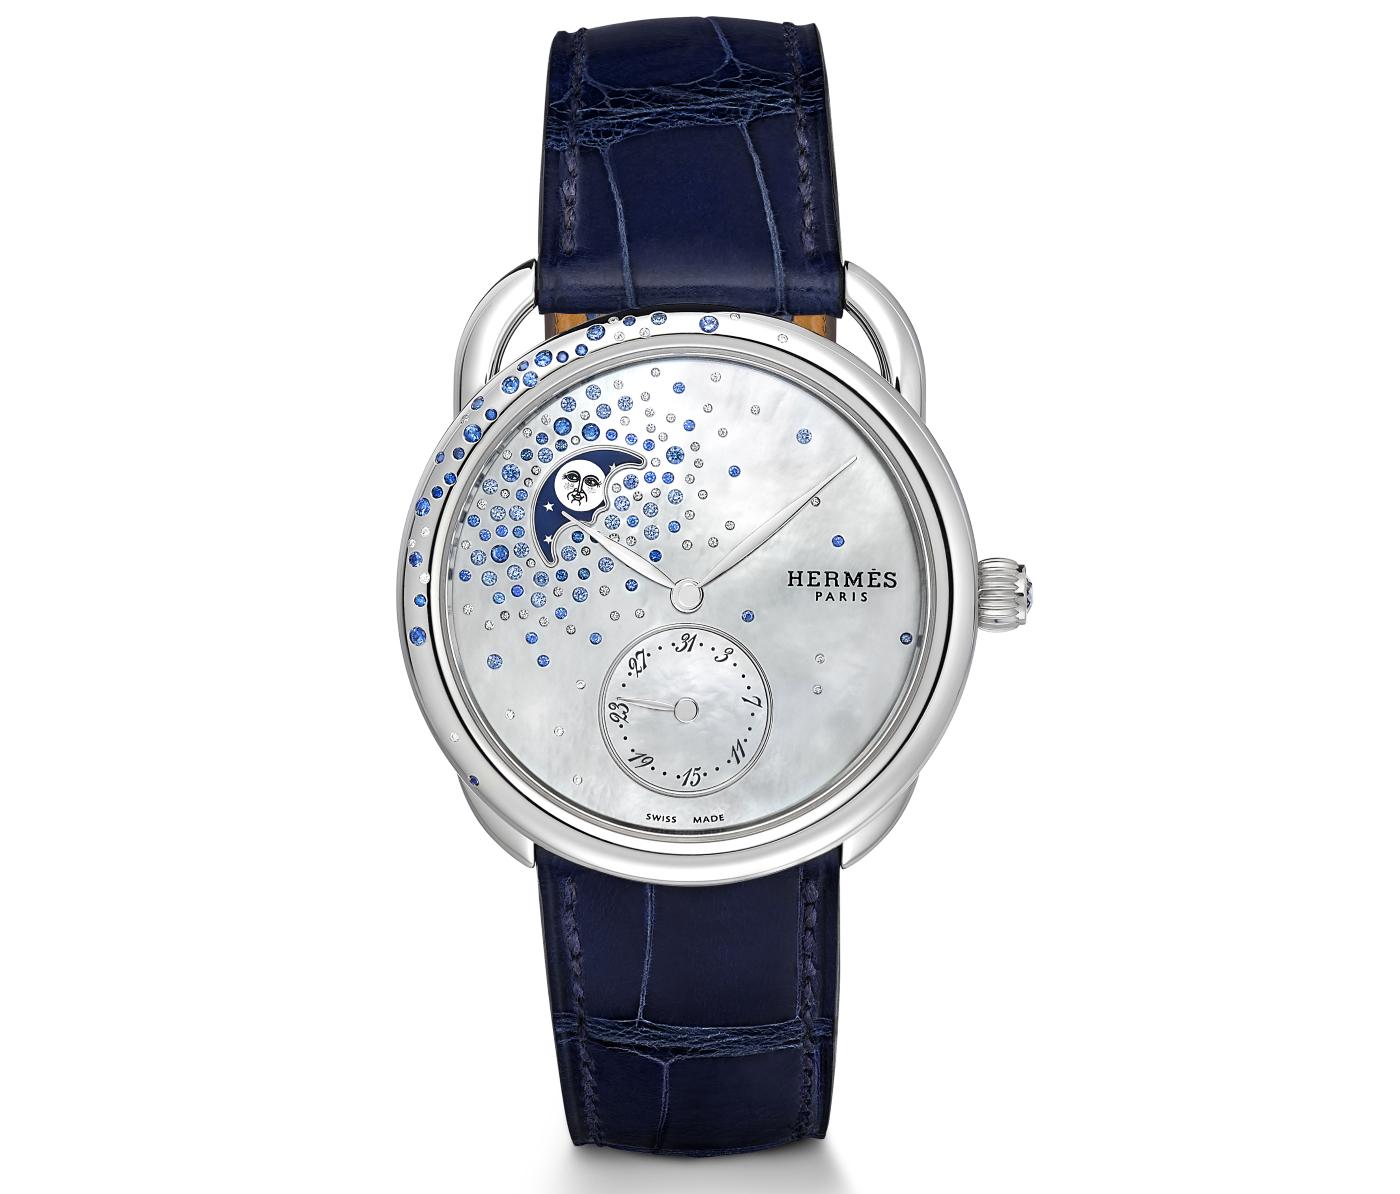 Hermes_arceau_petite_lune_jete_de_diamants_et_saphirs_face-_europa_star_watch_magazine_2020